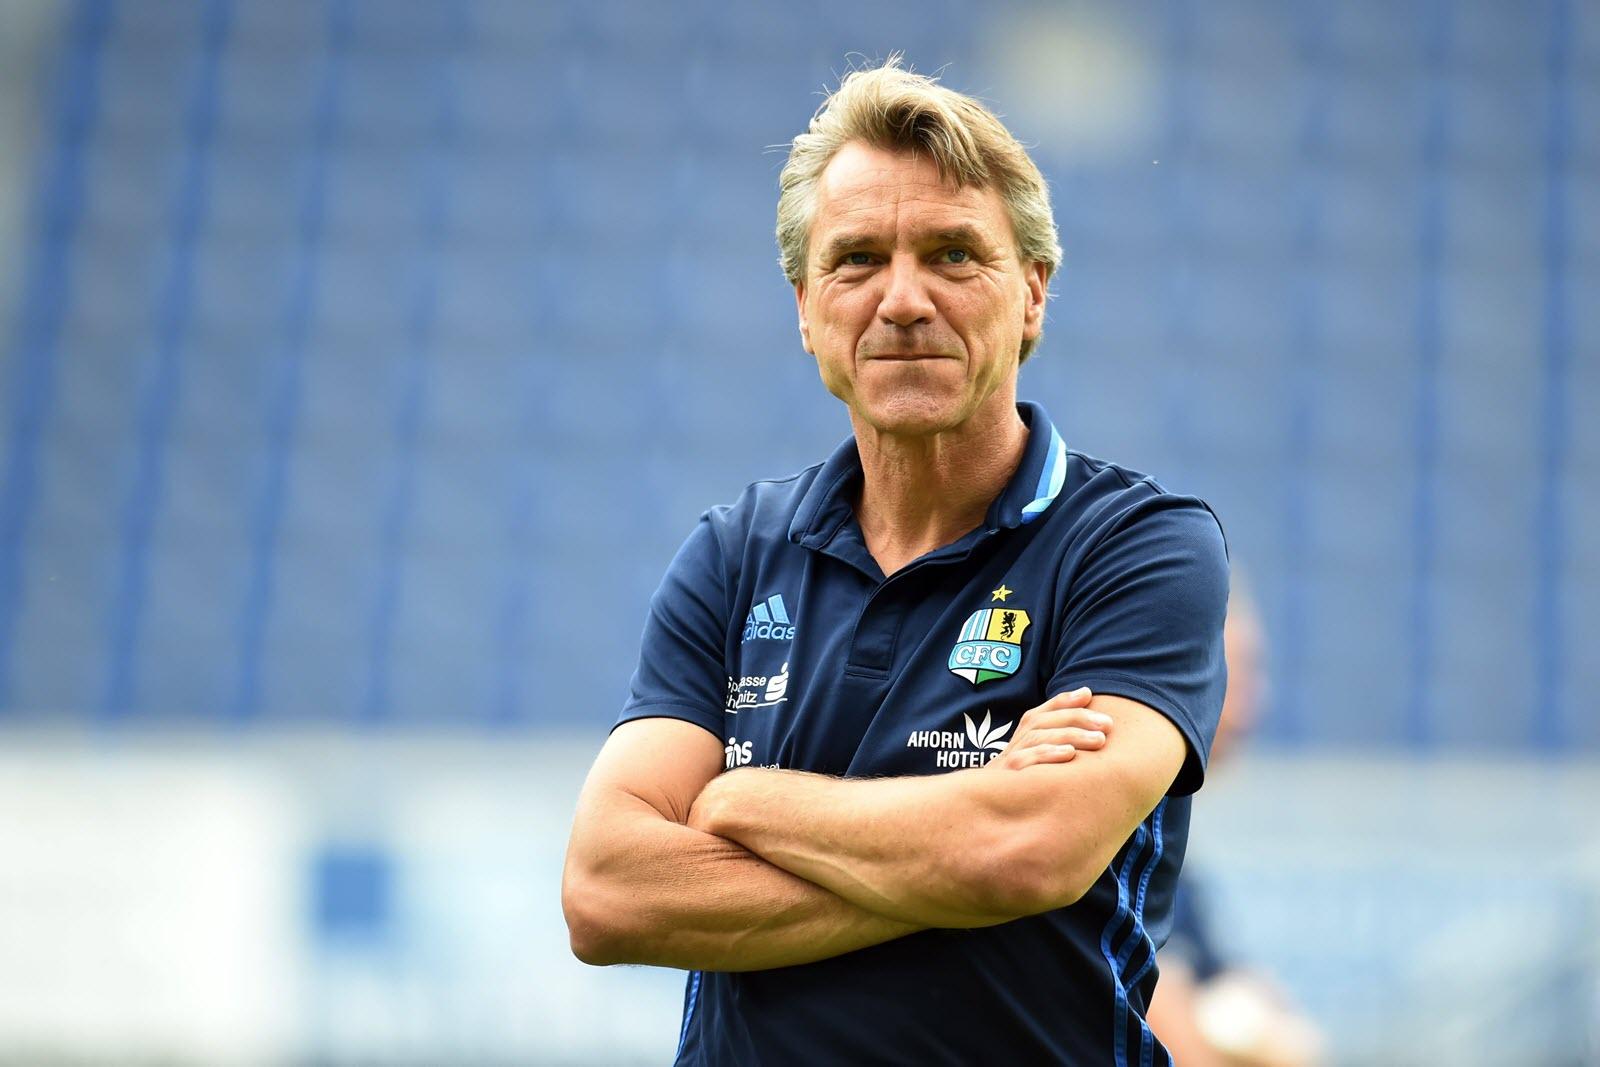 Horst Steffen, Trainer Chemnitzer FC